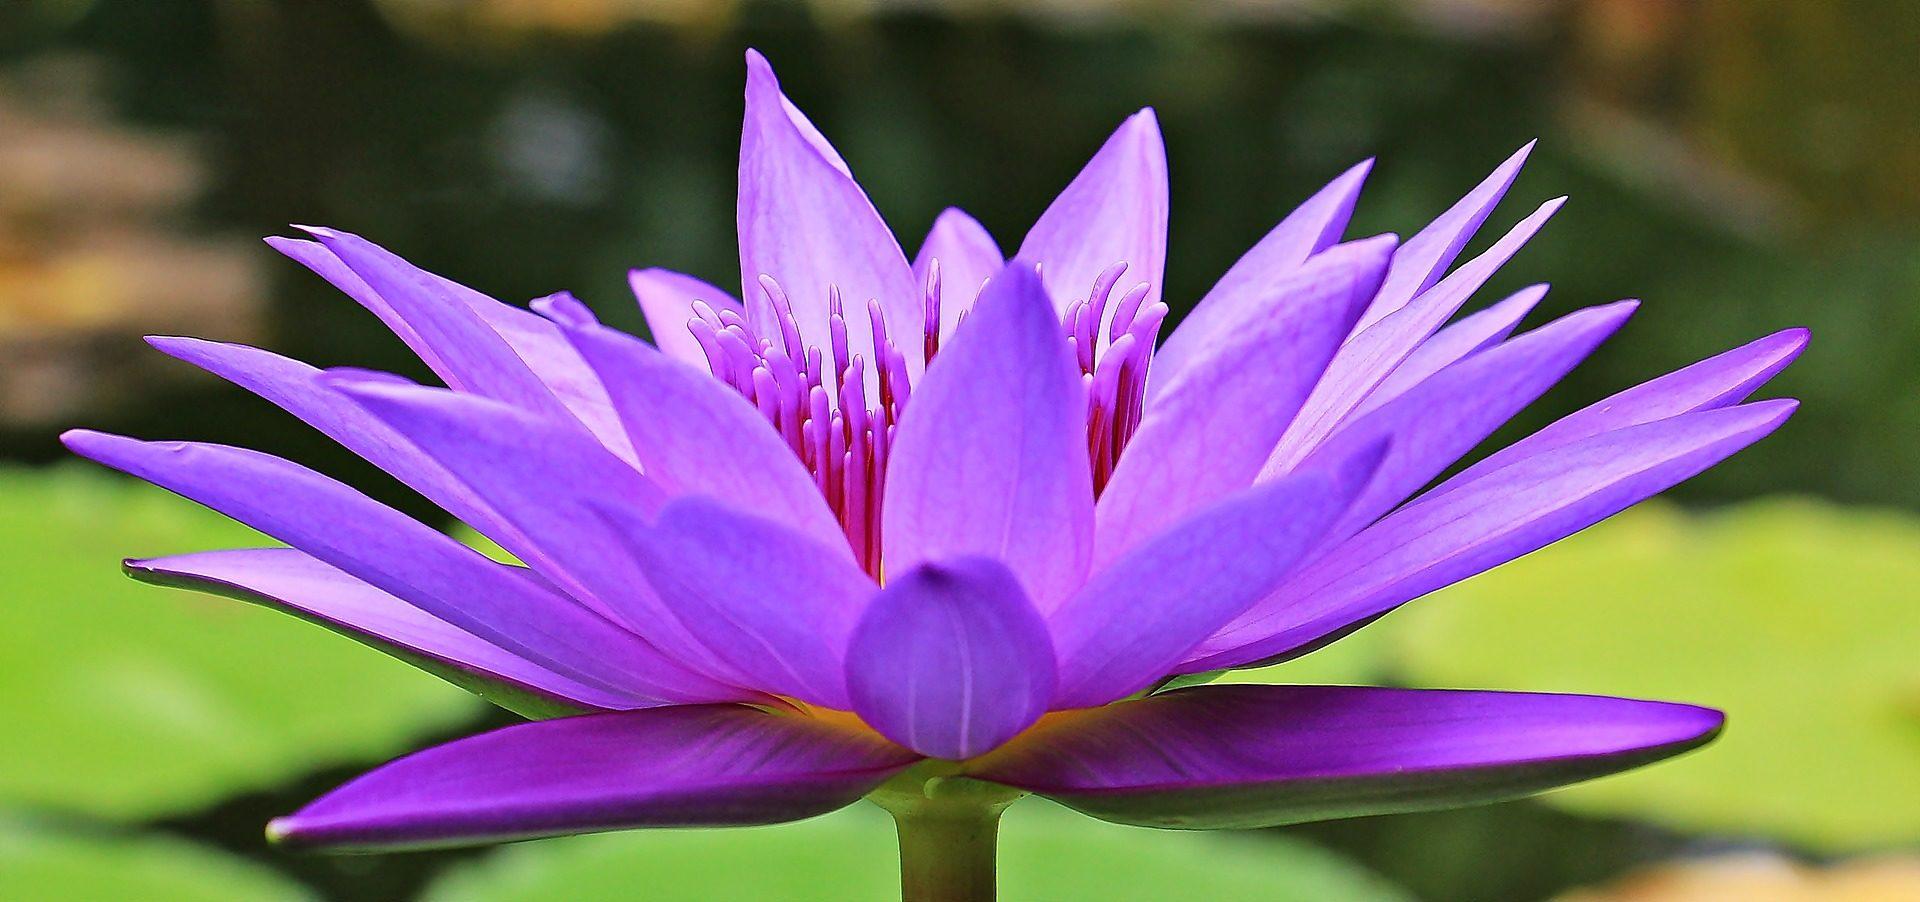 Лили, воды, цветок, растения, лепестки, Фиолетовый - Обои HD - Профессор falken.com